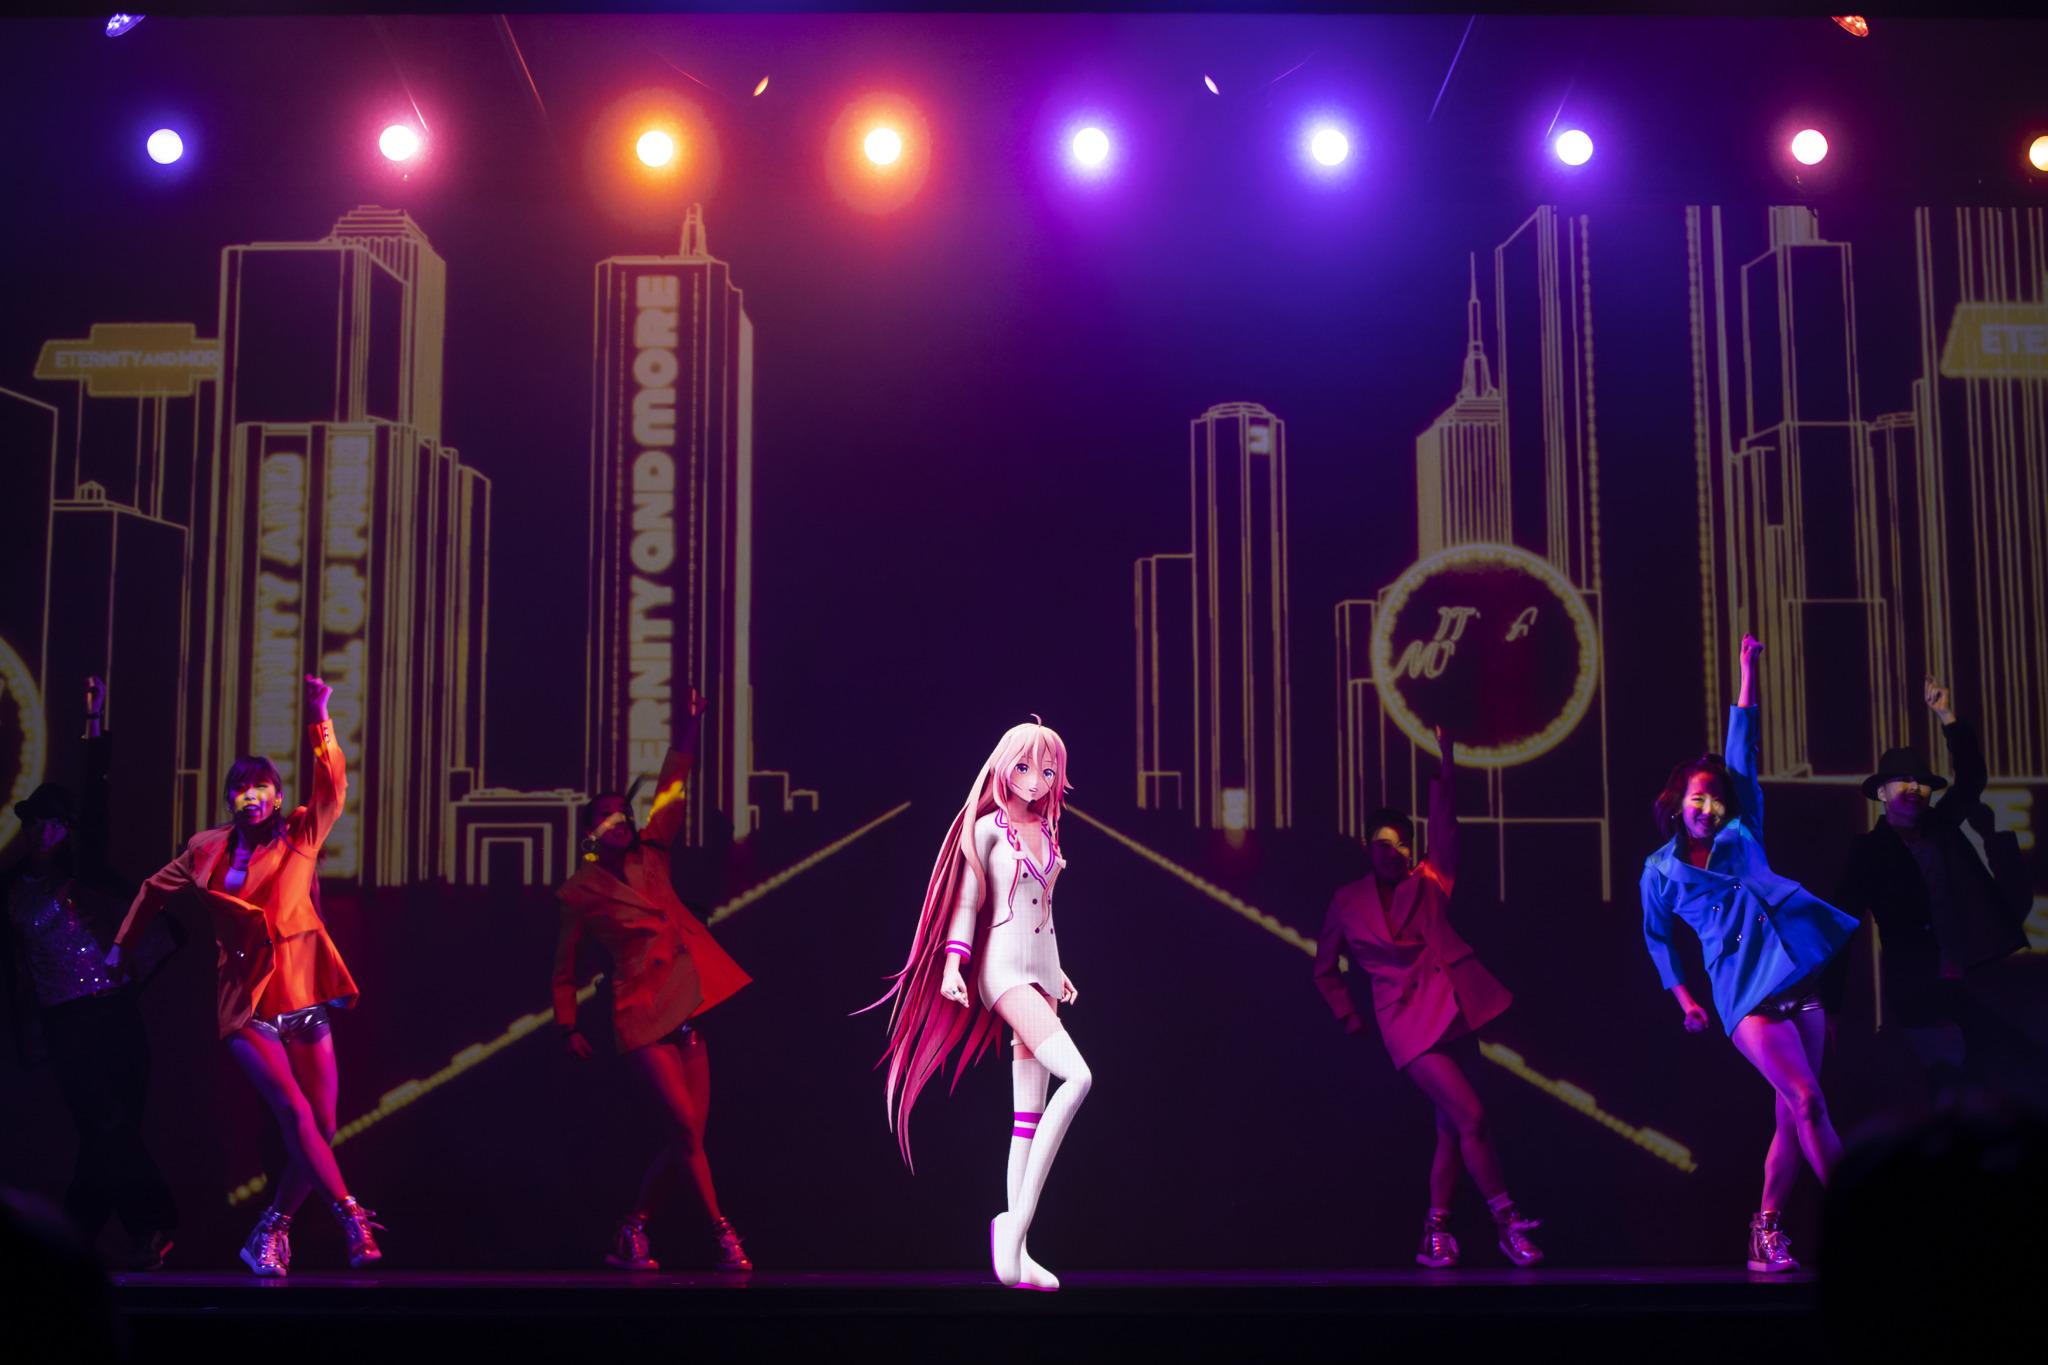 IAのミュージカル&ライブショー「ARIA」と 「PAGG」が終幕。2日間4公演で1,000人超のファンが連夜熱狂。